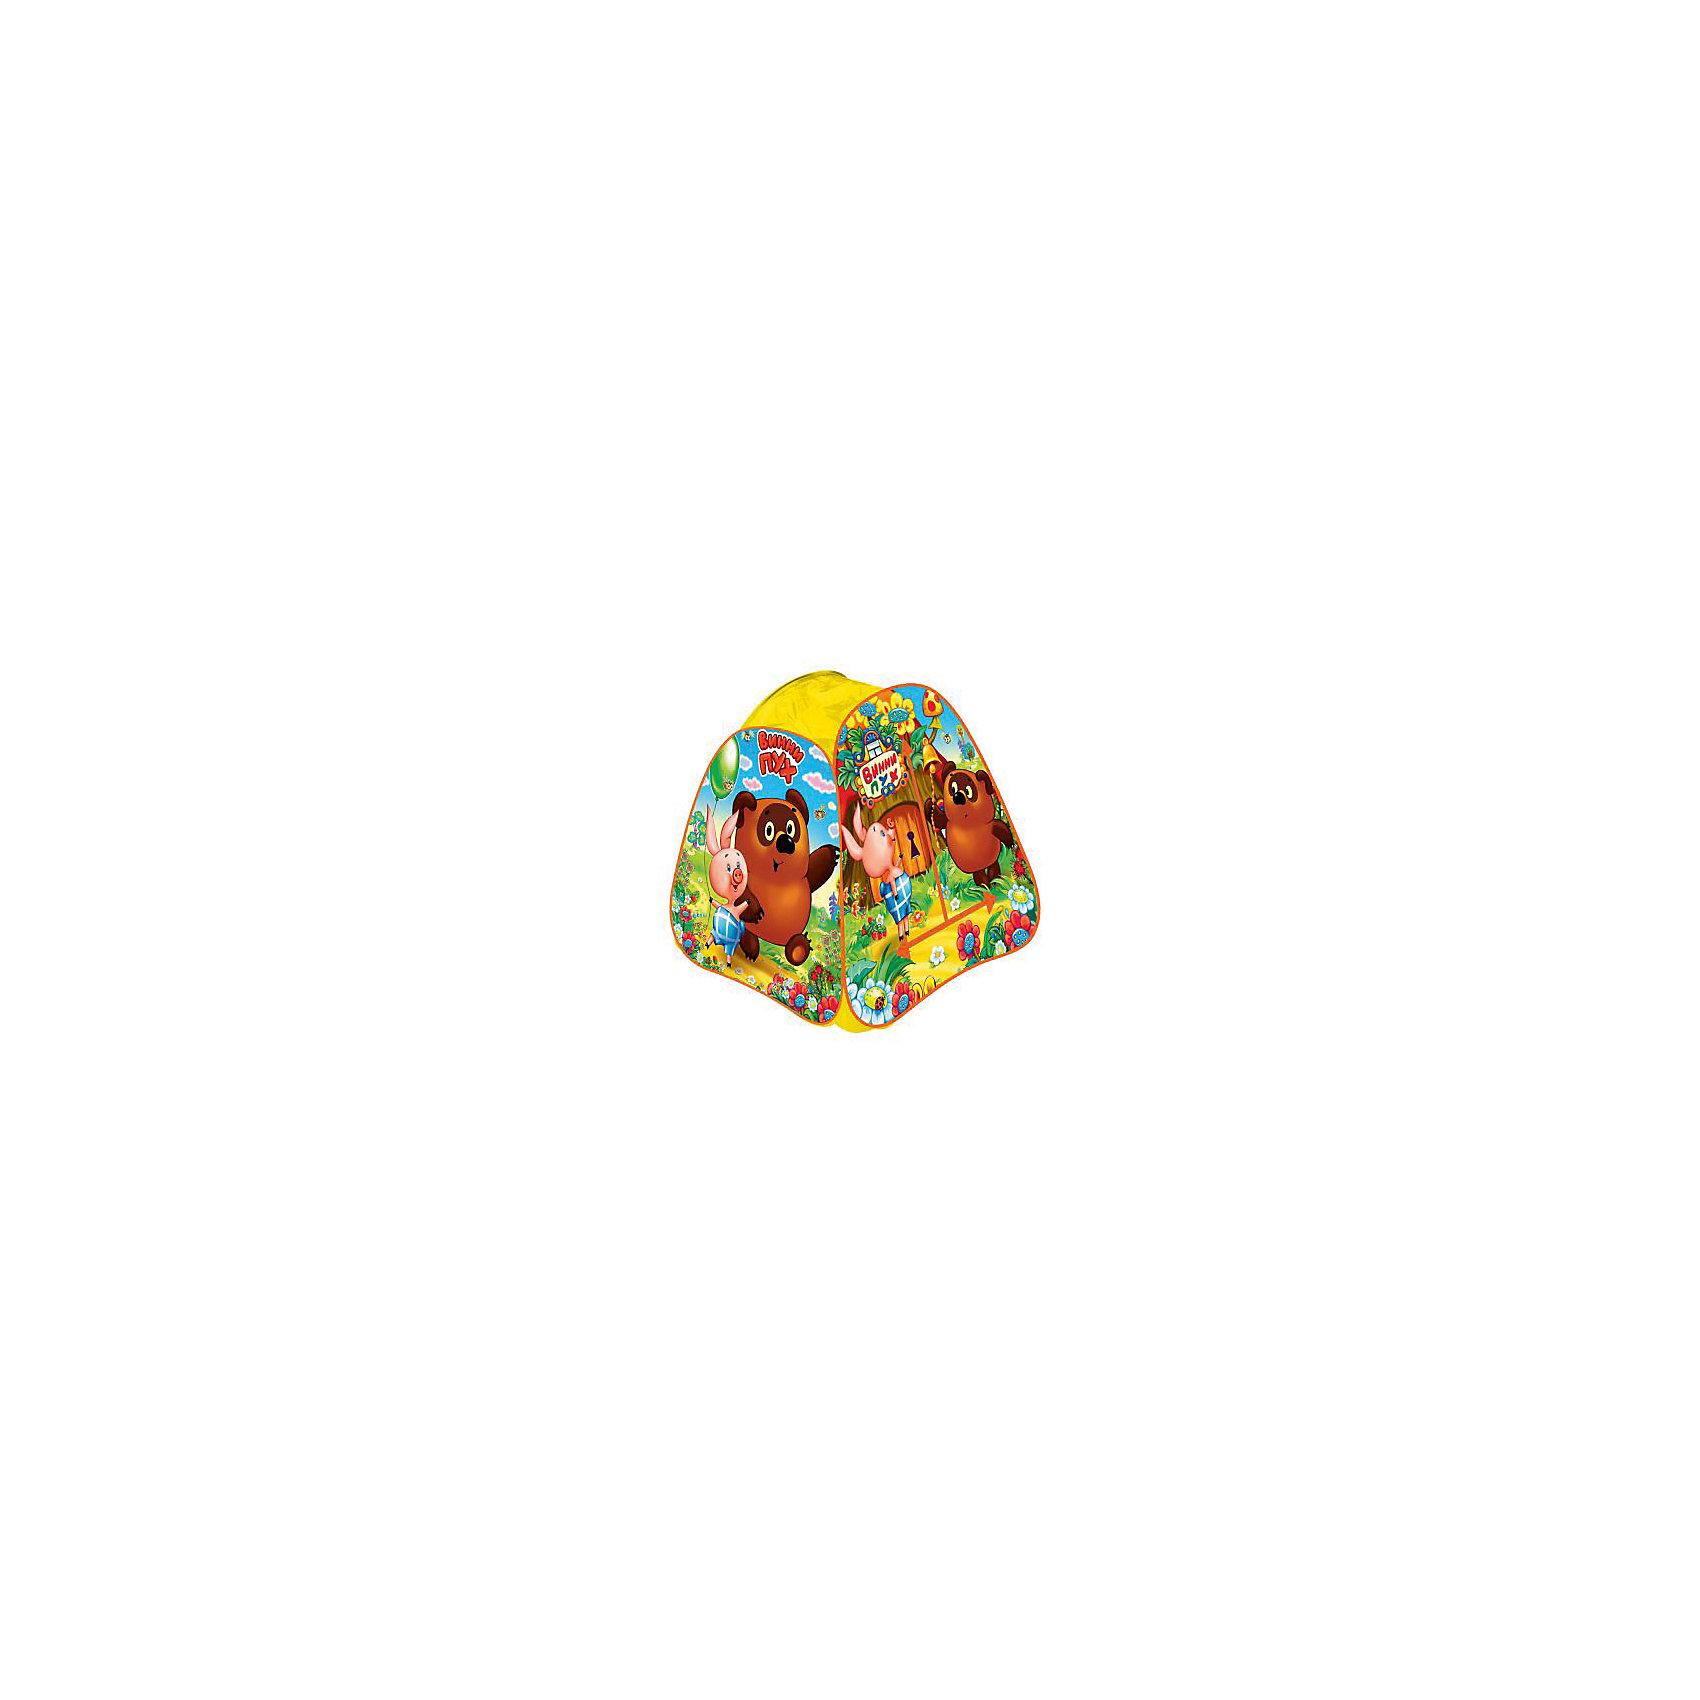 Палатка Винни Пух, в сумке, Играем вместеВинни Пух Дисней<br>Детская игровая палатка Винни Пух, Играем вместе, станет чудесным подарком для Вашего ребенка. Красочная разноцветная палатка выполнена по мотивам популярного отечественного мультфильма о медвежонке Винни-Пухе и украшена изображениями его персонажей. Палатка оснащена дверью на липучке и полупрозрачным окном из сетчатого материала, которое позволяет наблюдать за ребенком когда он находится внутри. Благодаря самораскладывающемуся каркасу-спирали палатка легко собирается и складывается. Этот замечательный игровой домик поможет Вашему ребенку создать свой уютный уголок для игр как в помещении, так и на улице. Палатка компактно складывается в небольшую сумочку, поэтому ее удобно брать с собой на прогулку или в поездку. Выполнена из прочного, водонепроницаемого, моющегося материала. Яркая палатка будет чудесным местом для самостоятельной игры ребёнка и отлично подойдёт для сюжетно-ролевых игр. <br><br>Дополнительная информация:<br><br>- Материал: текстиль, пластик.<br>- Размер палатки: 81 х 91 х 81 см.<br>- Размер упаковки: 37 х 37 х 3 см.<br>- Вес с упаковкой: 0,67 кг. <br><br>Детскую игровую палатку Винни Пух, в сумке, Играем вместе, можно купить в нашем интернет-магазине.<br><br>Ширина мм: 370<br>Глубина мм: 370<br>Высота мм: 30<br>Вес г: 670<br>Возраст от месяцев: 36<br>Возраст до месяцев: 120<br>Пол: Унисекс<br>Возраст: Детский<br>SKU: 4546557